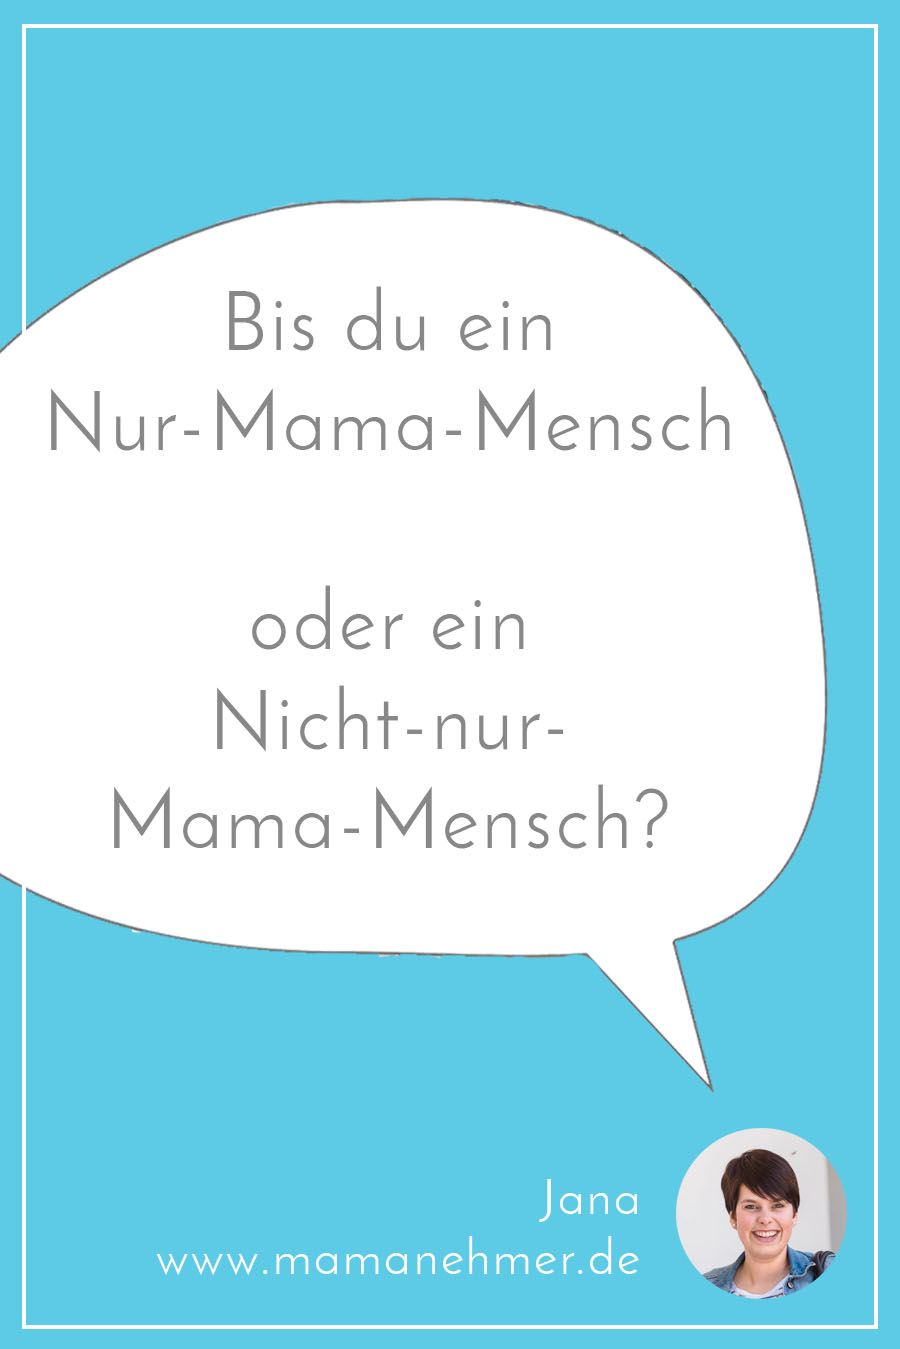 Wärst du eine gute Vollzeit-Mama? Oder würde es dich nicht erfüllen, nur Mama zu sein - ohne dein Business? In dieser Podcast-Episode nehme ich dich mit auf eine Was-wäre-wenn-Reise. Bist du dabei? Dann klicke jetzt auf das Bild #Mamanehmer #MompreneursDe #SelbstständigeMama #SelbstständigeMutter #MamaBusiness #MamaArbeitet